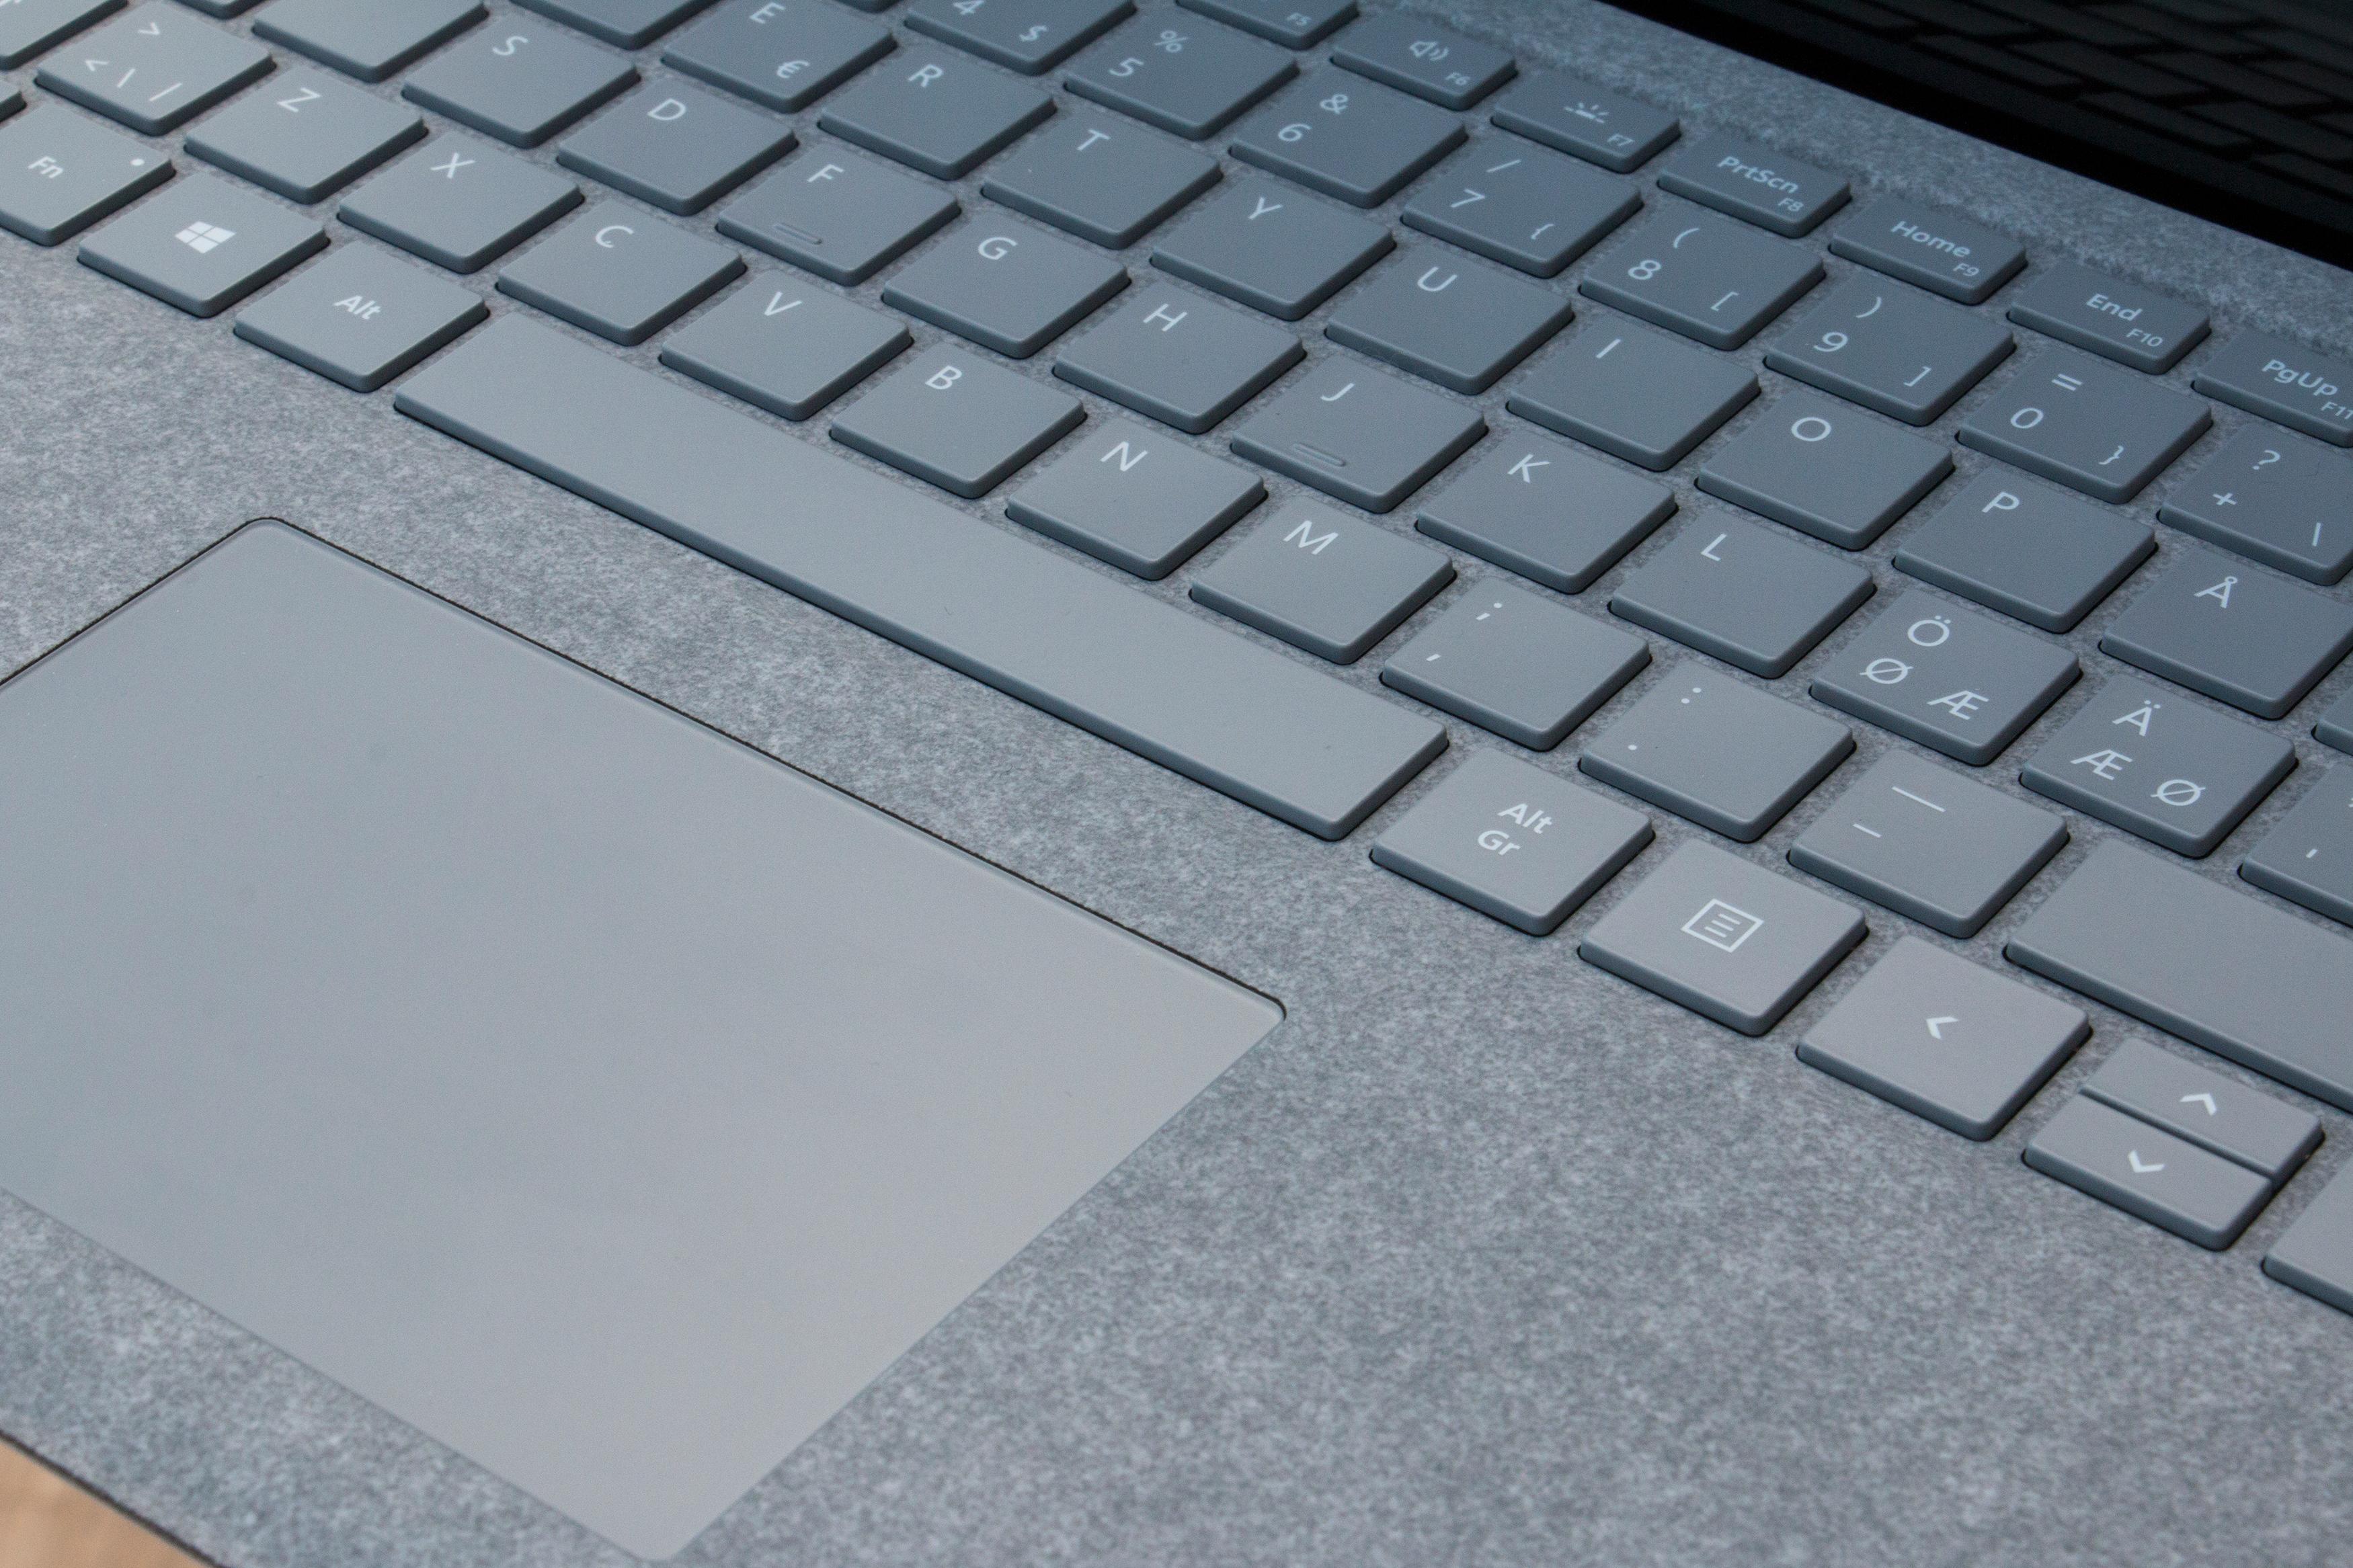 Tastaturet omkranses av alcantara-stoff, som er varmere og litt mykere enn kaldt og hardt aluminium. Vi liker det.